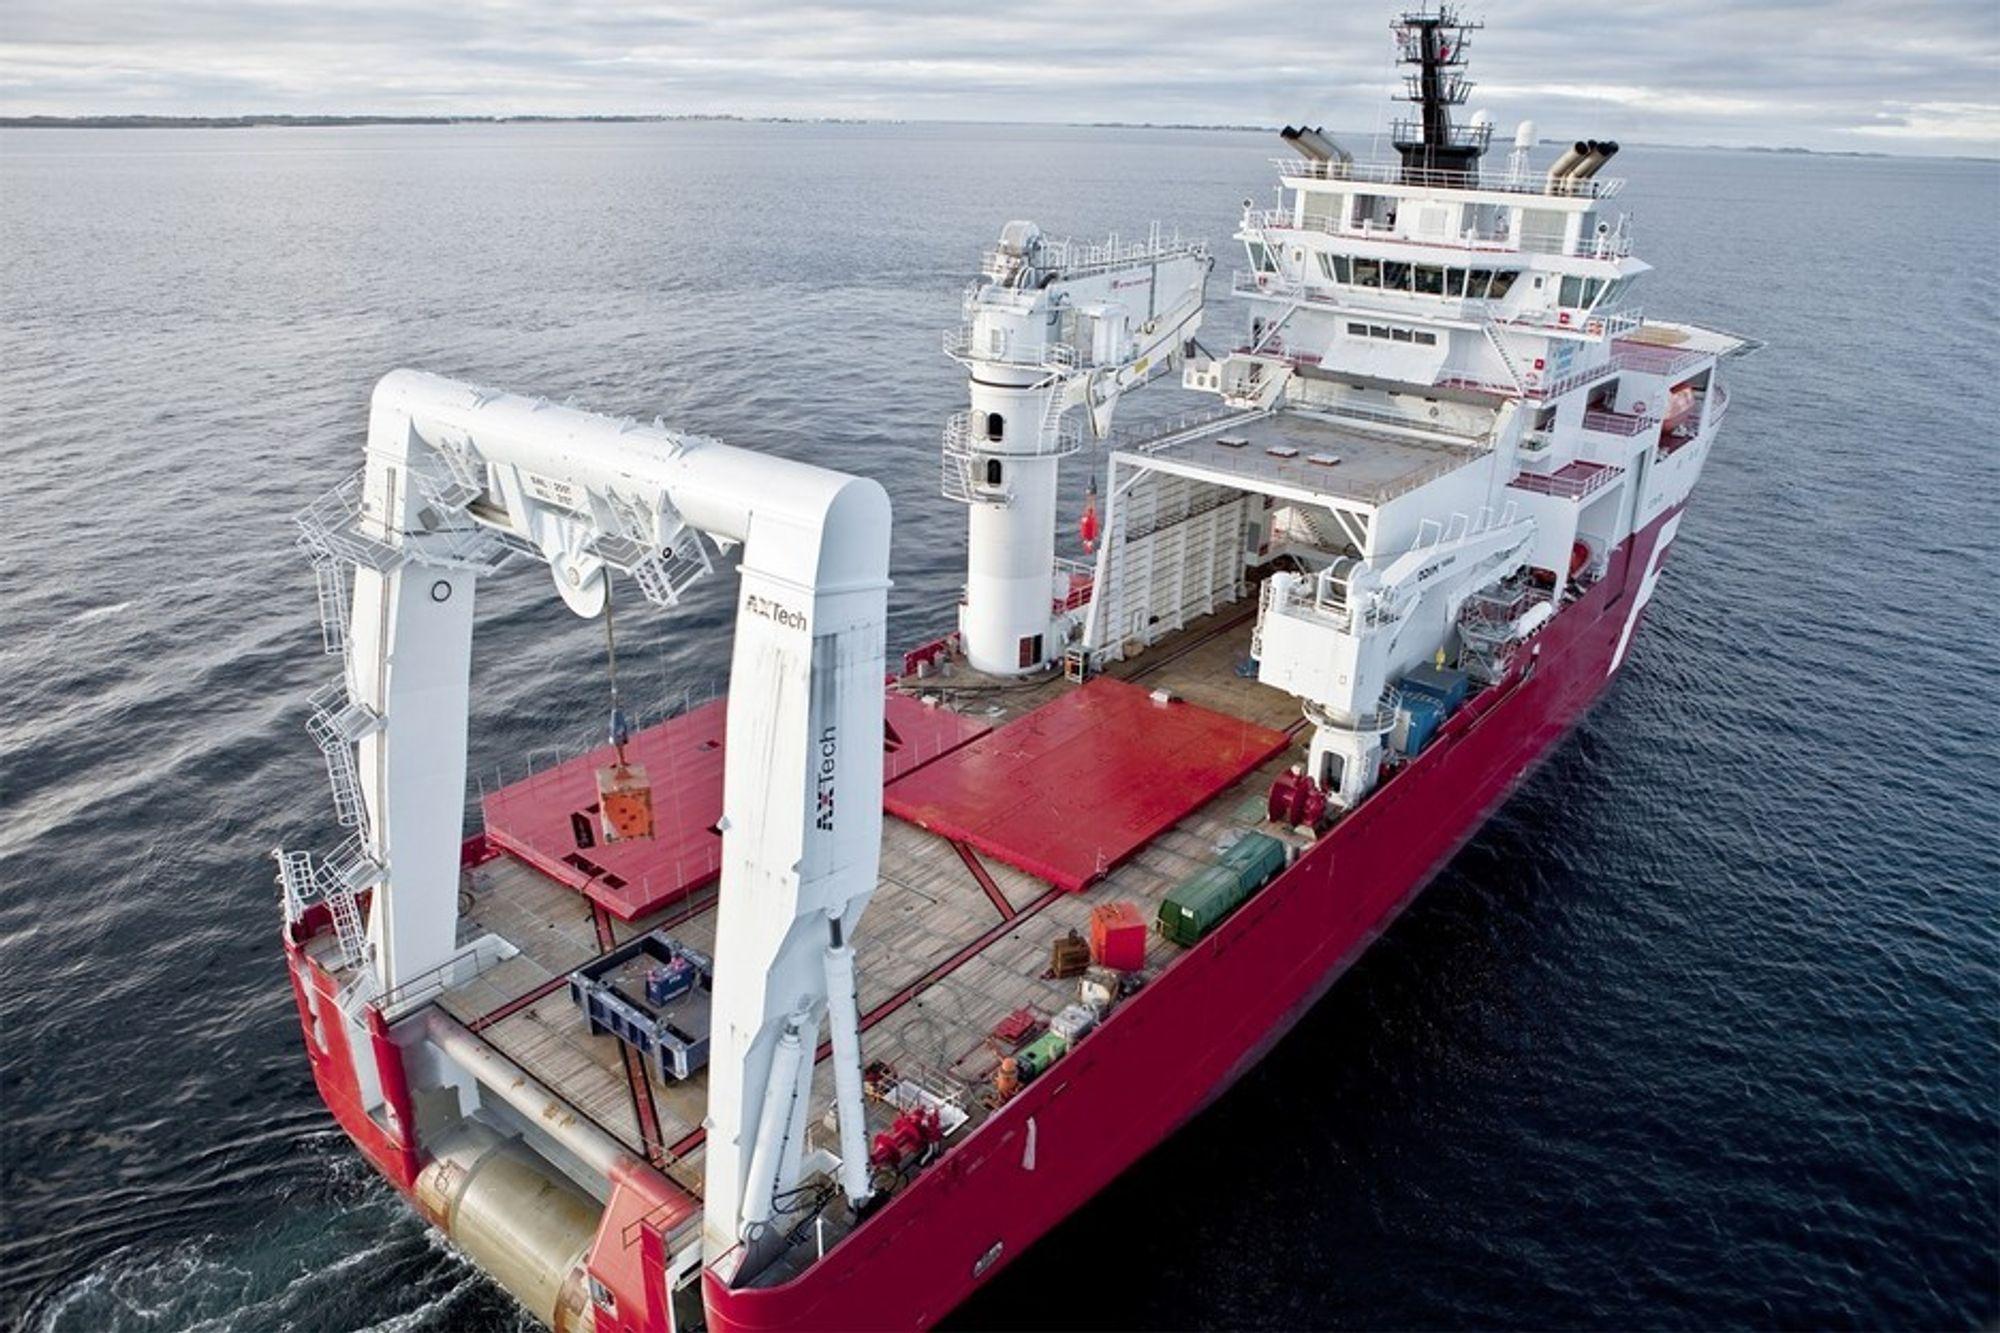 EN KÅRING: Far Samson er kåret til årets skip i det engelskspråklige Offshore Support Journal. Vinneren av norske Skipsrevyens kåring vil ikke bli annonsert før tirsdag 9. juni under Nor-Shipping på Lillestrøm.